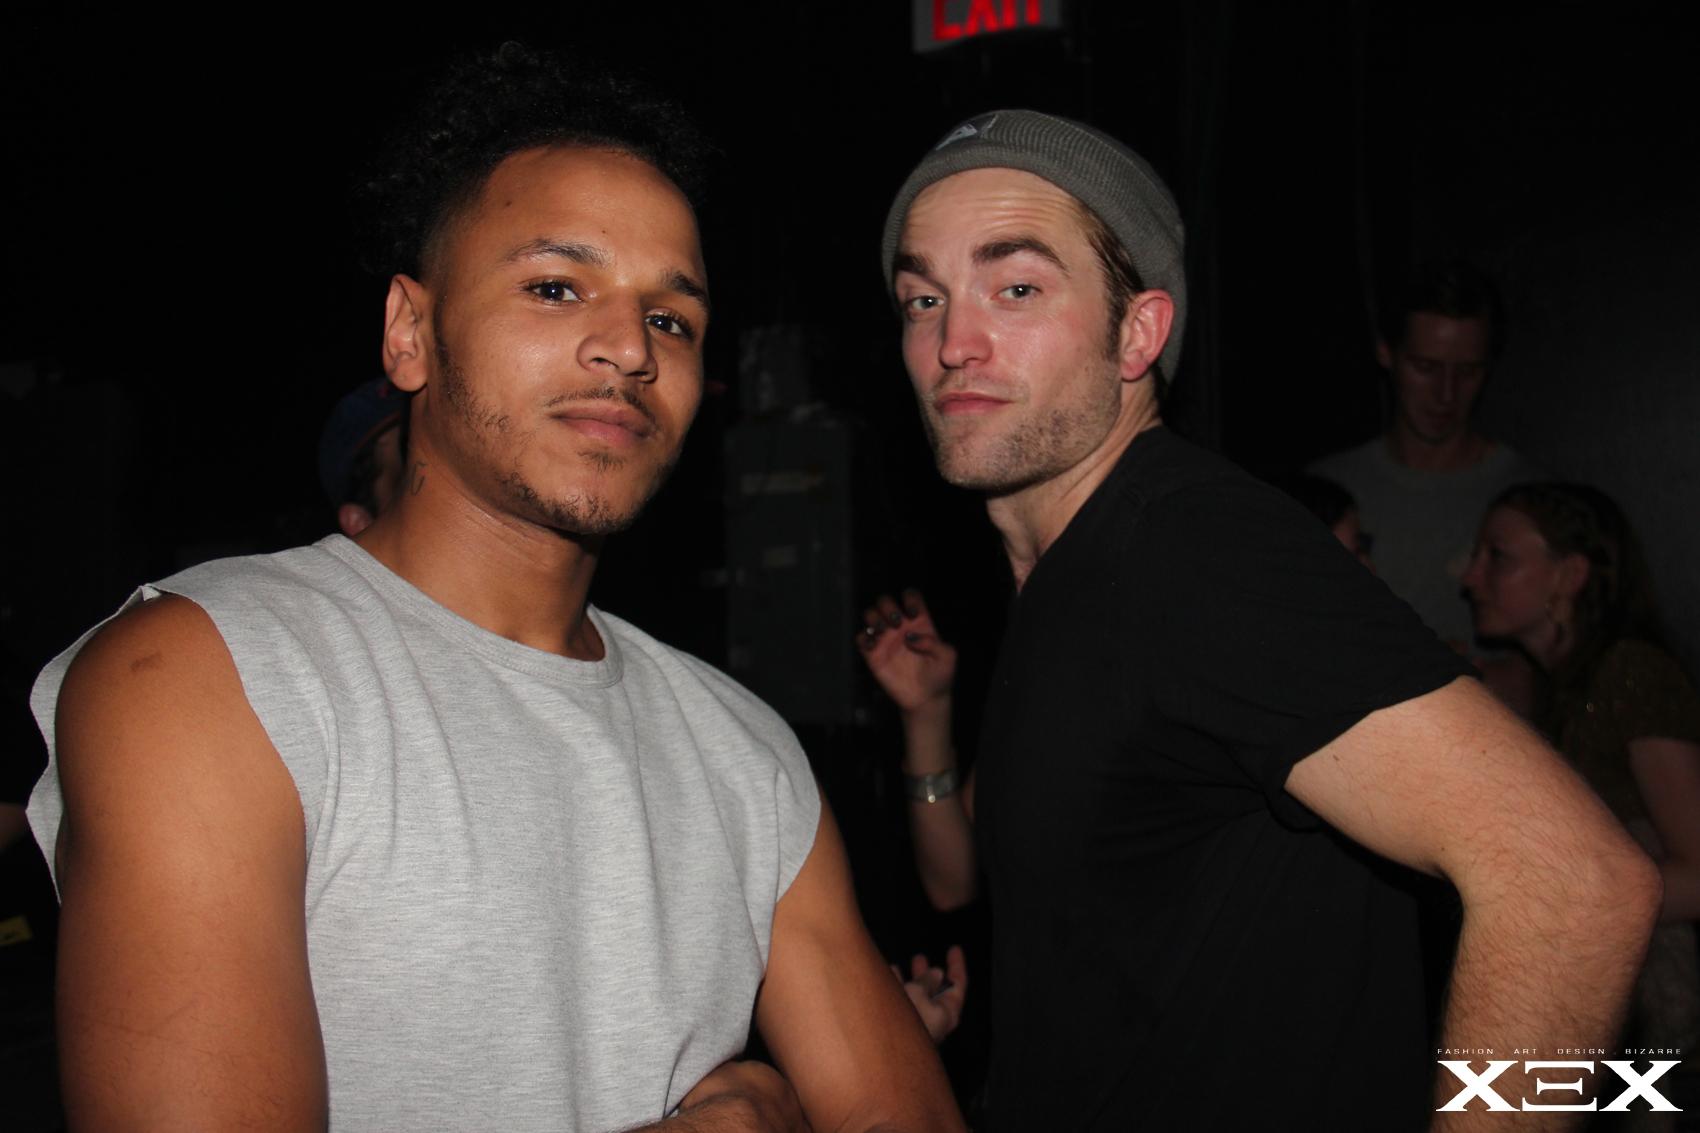 Fotos de Robert Pattinson no show de FKA Twigs em Nova York (19/05)